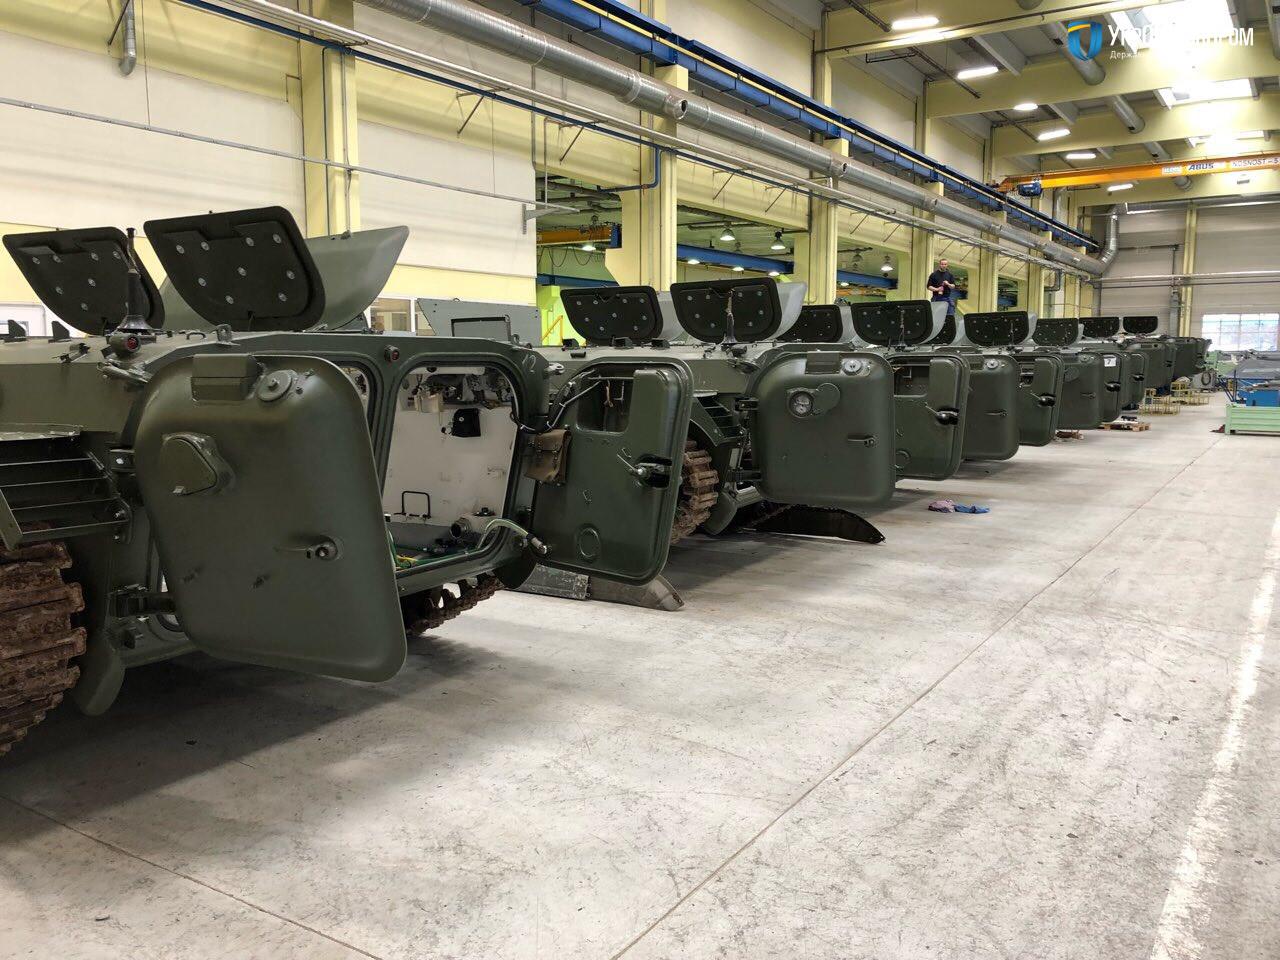 Подготовленные польской компанией Wtorplast к поставке на Украину приобретенные в Чехии БМП-1 (без башен).